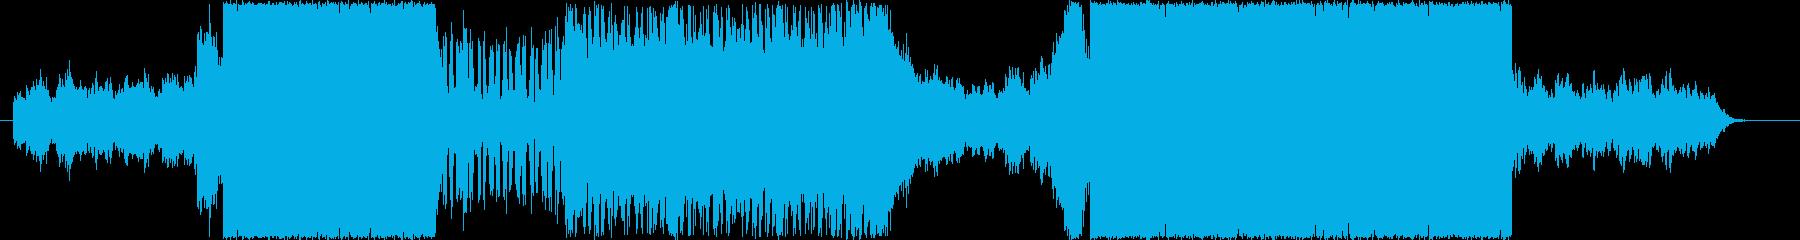 スロー&アップテンポのカッコイイ打ち込みの再生済みの波形